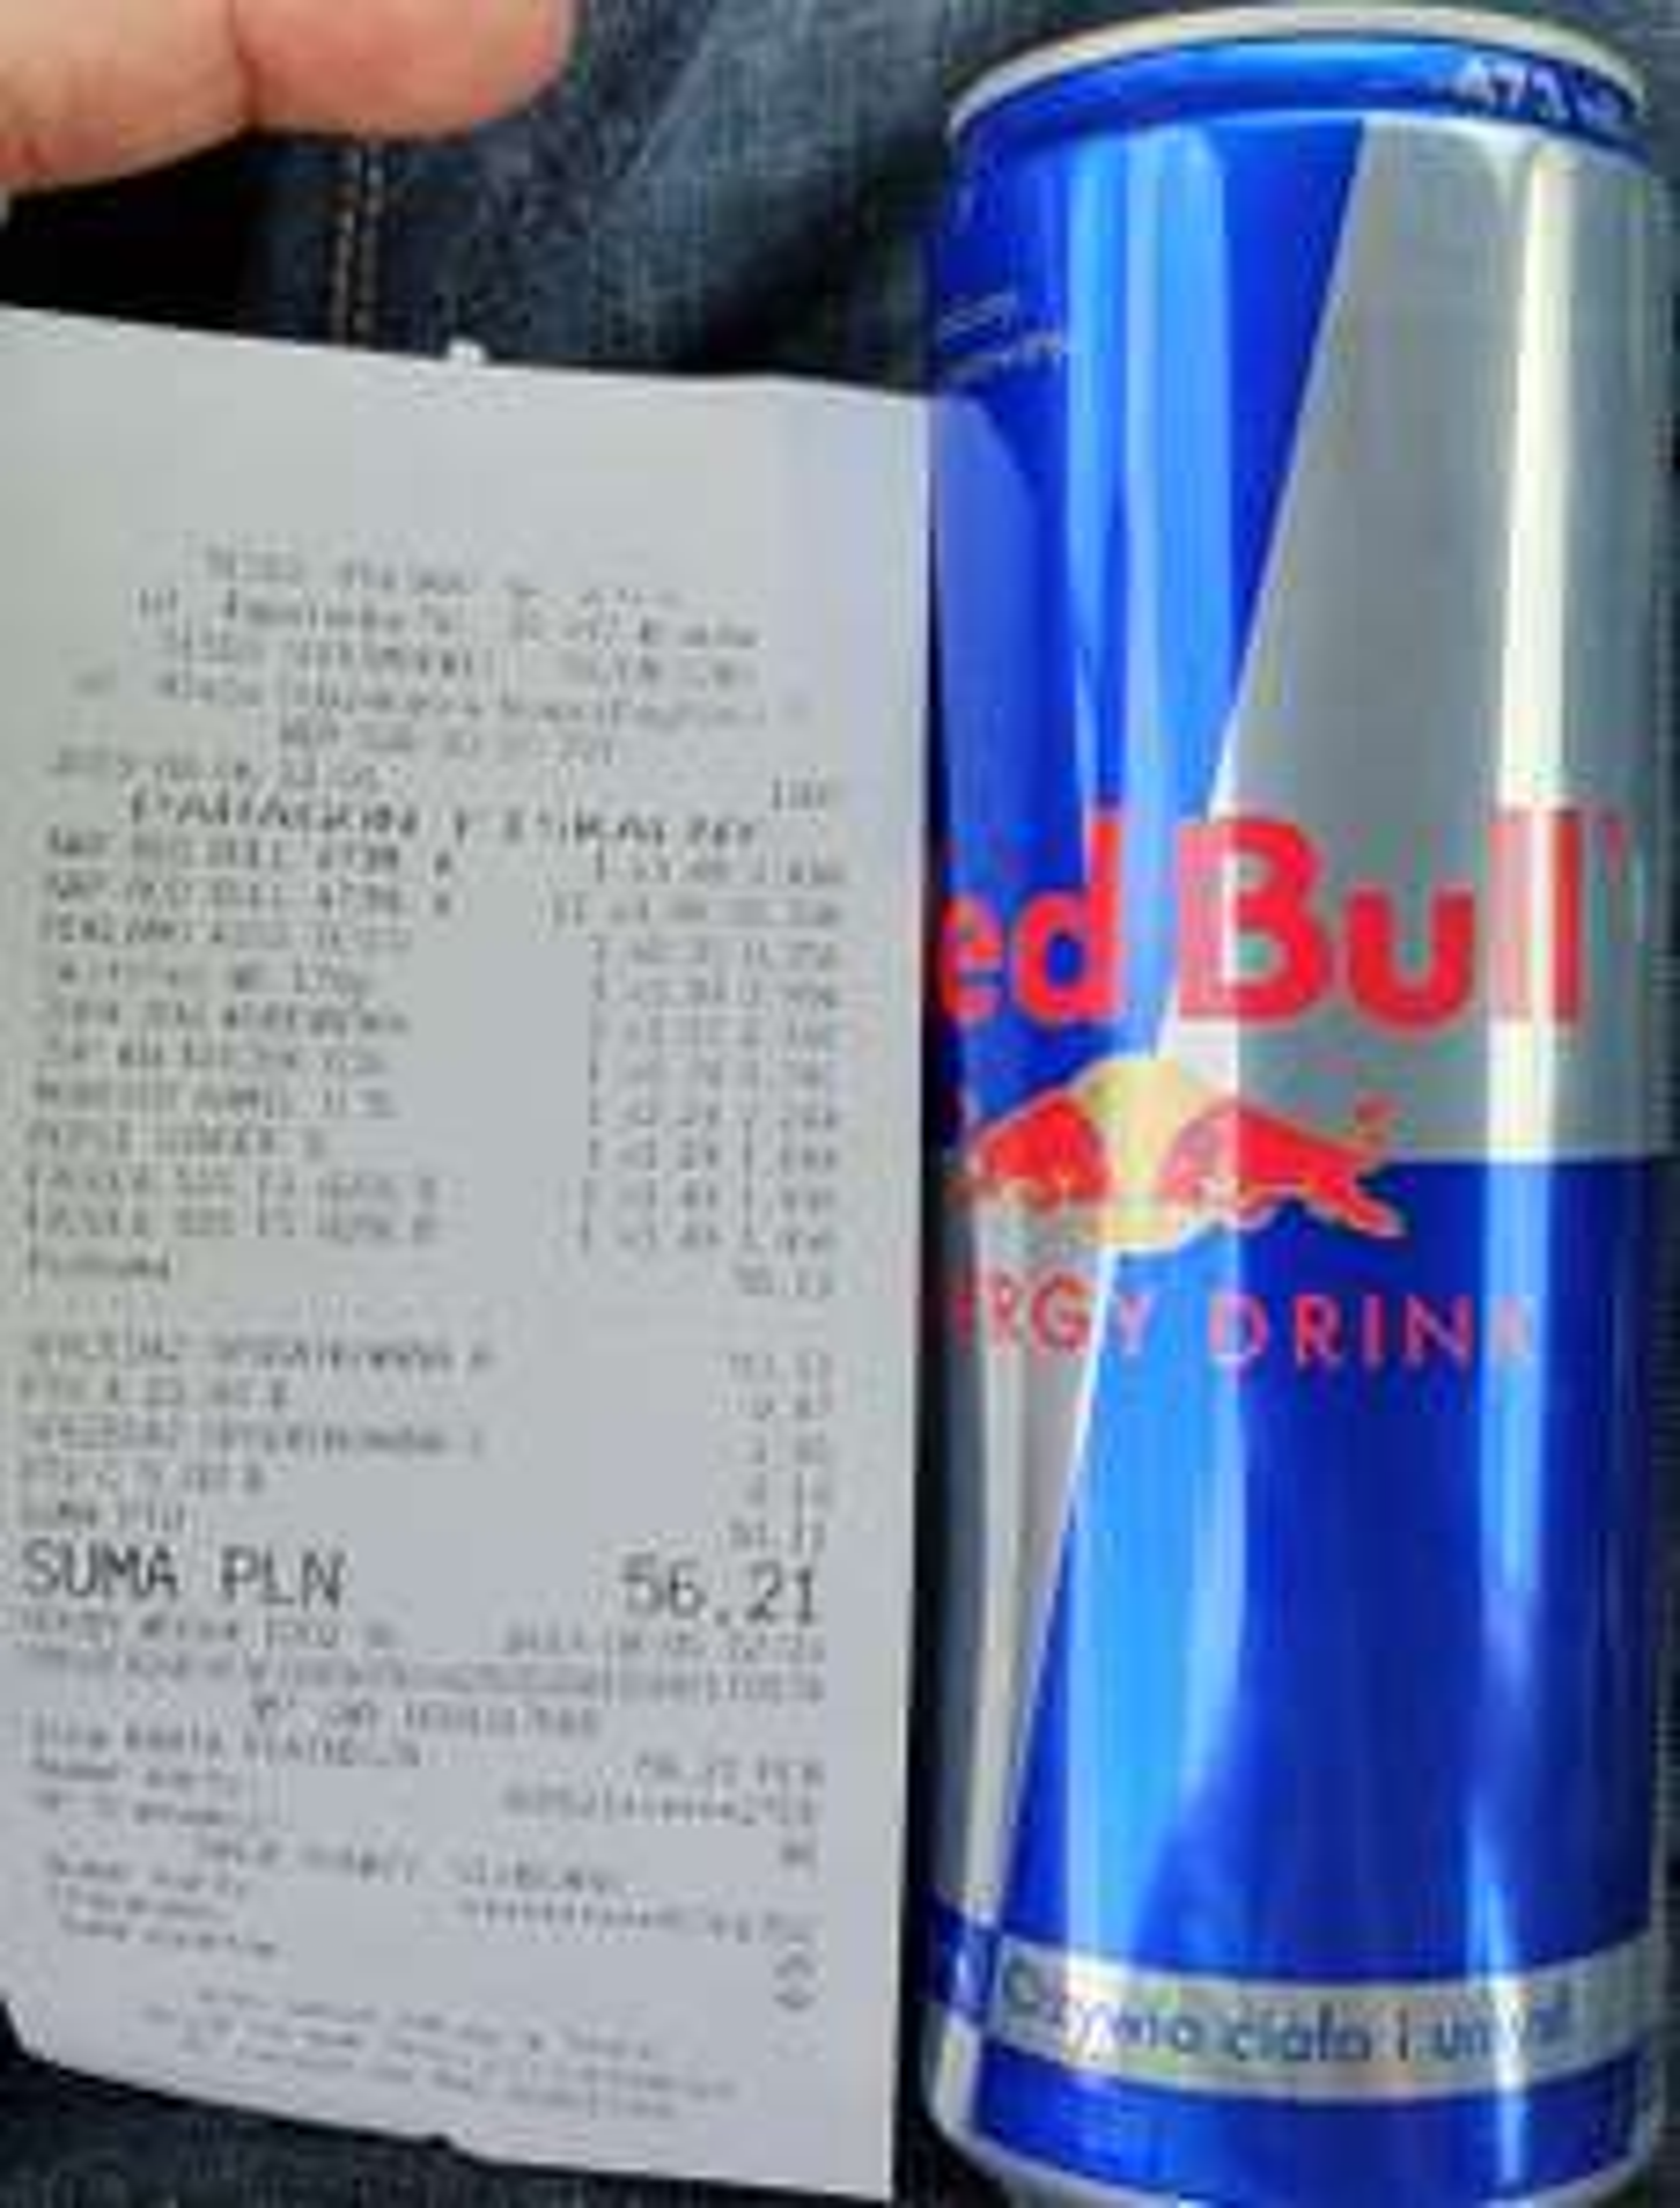 (Duży) Red Bull 473 ml - Tesco